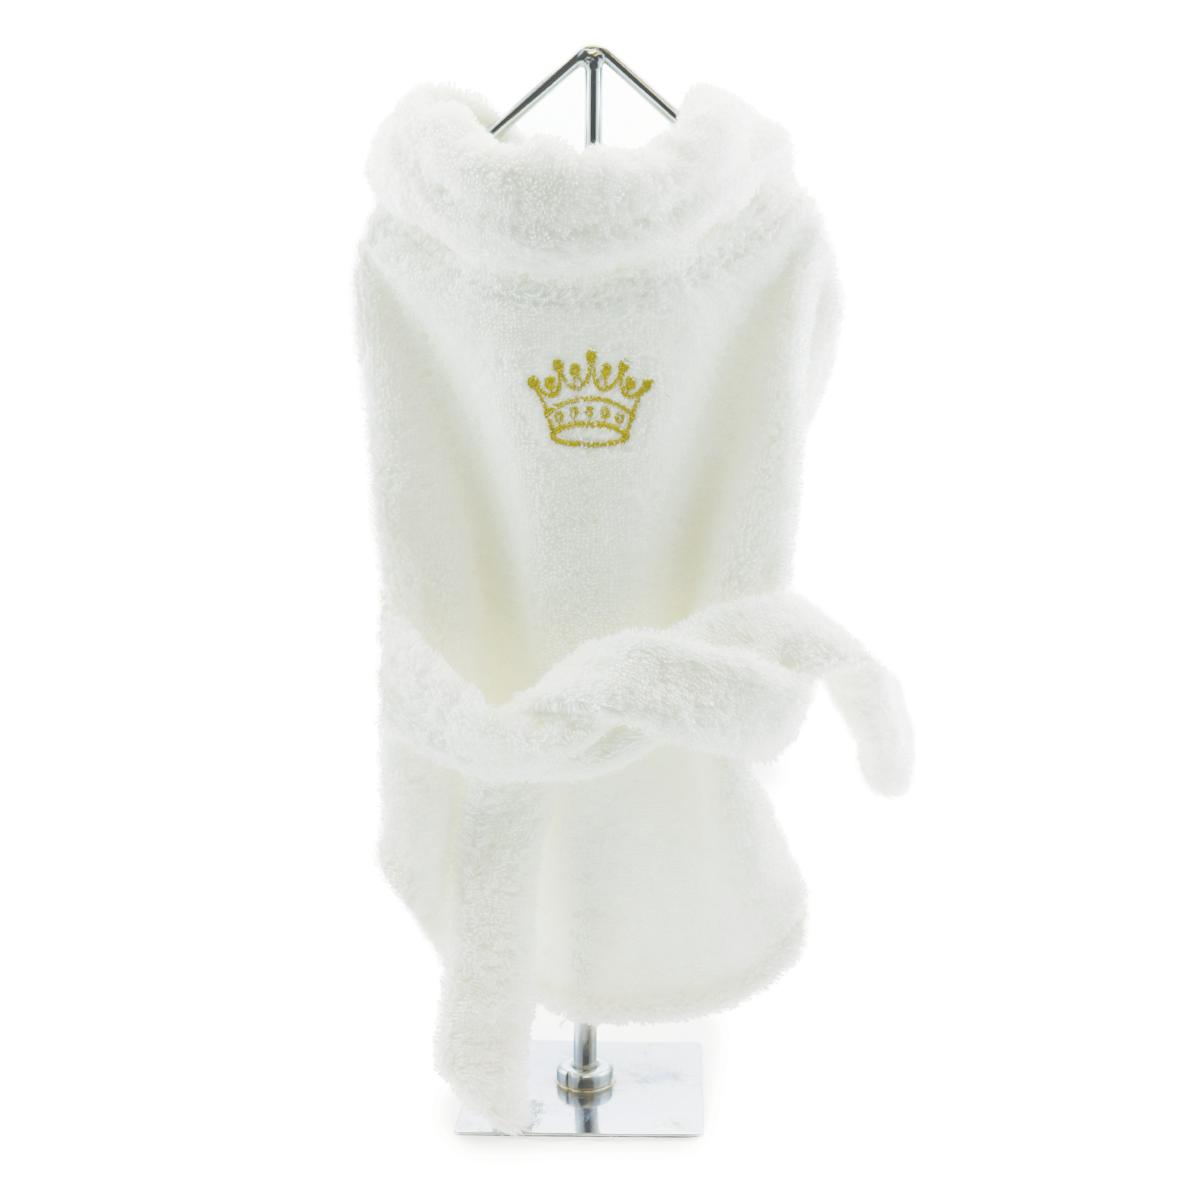 Doggie Design Cotton Dog Bathrobe, White with Gold Crown, Medium